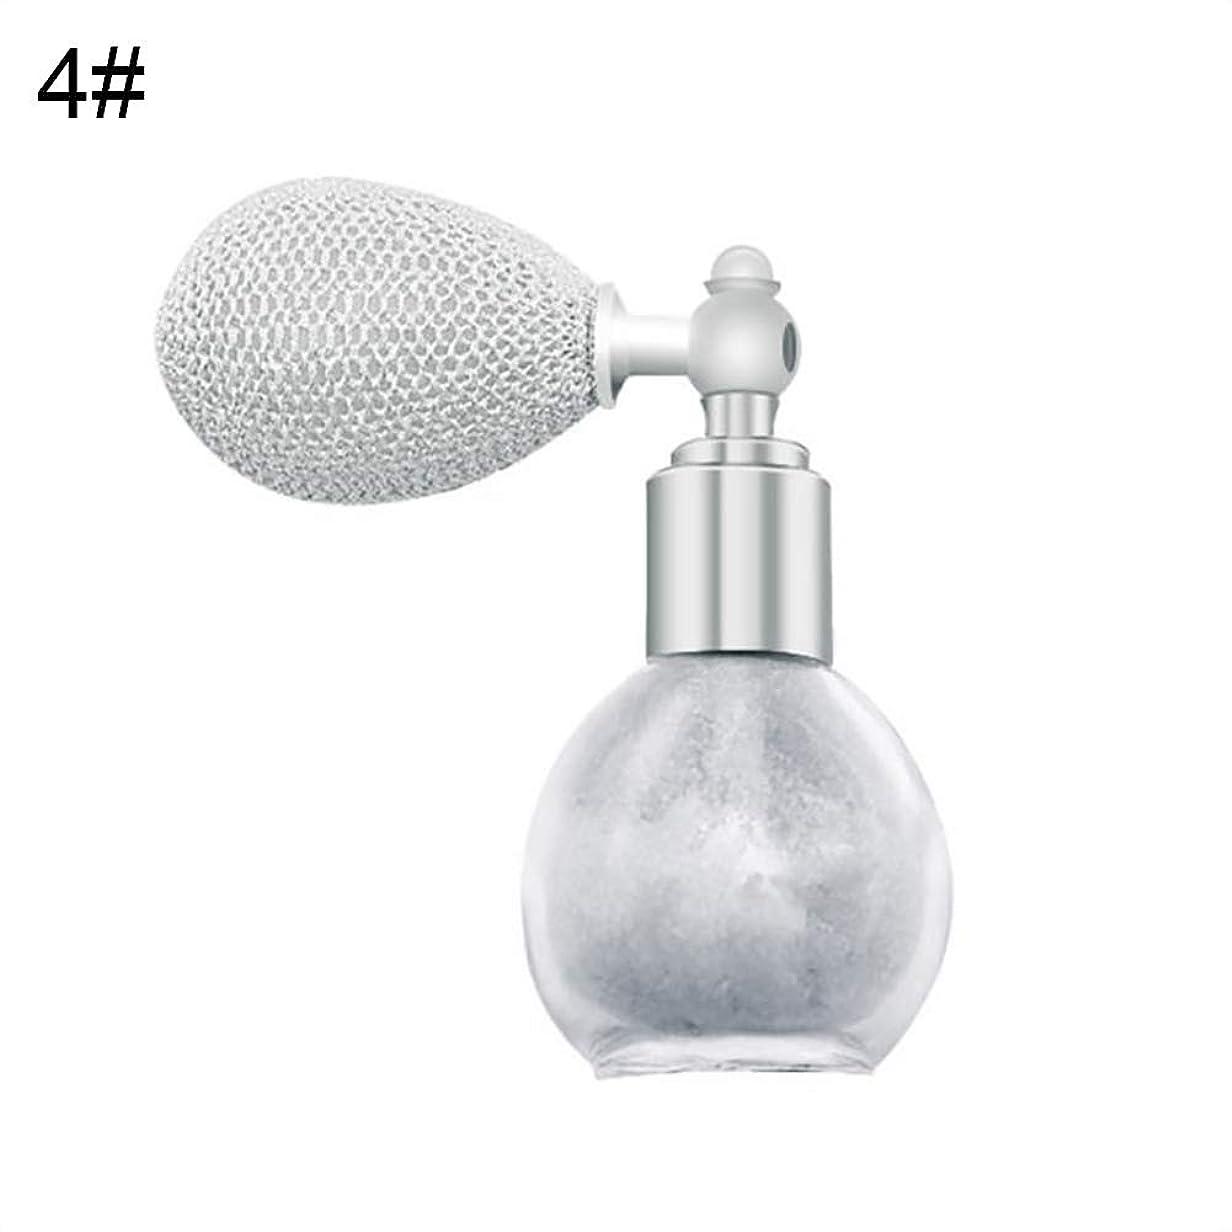 区別タフ協同FANA女性美容エアバッグスプレーフレグランスグリッターハイライトパウダー化粧品 - 4#